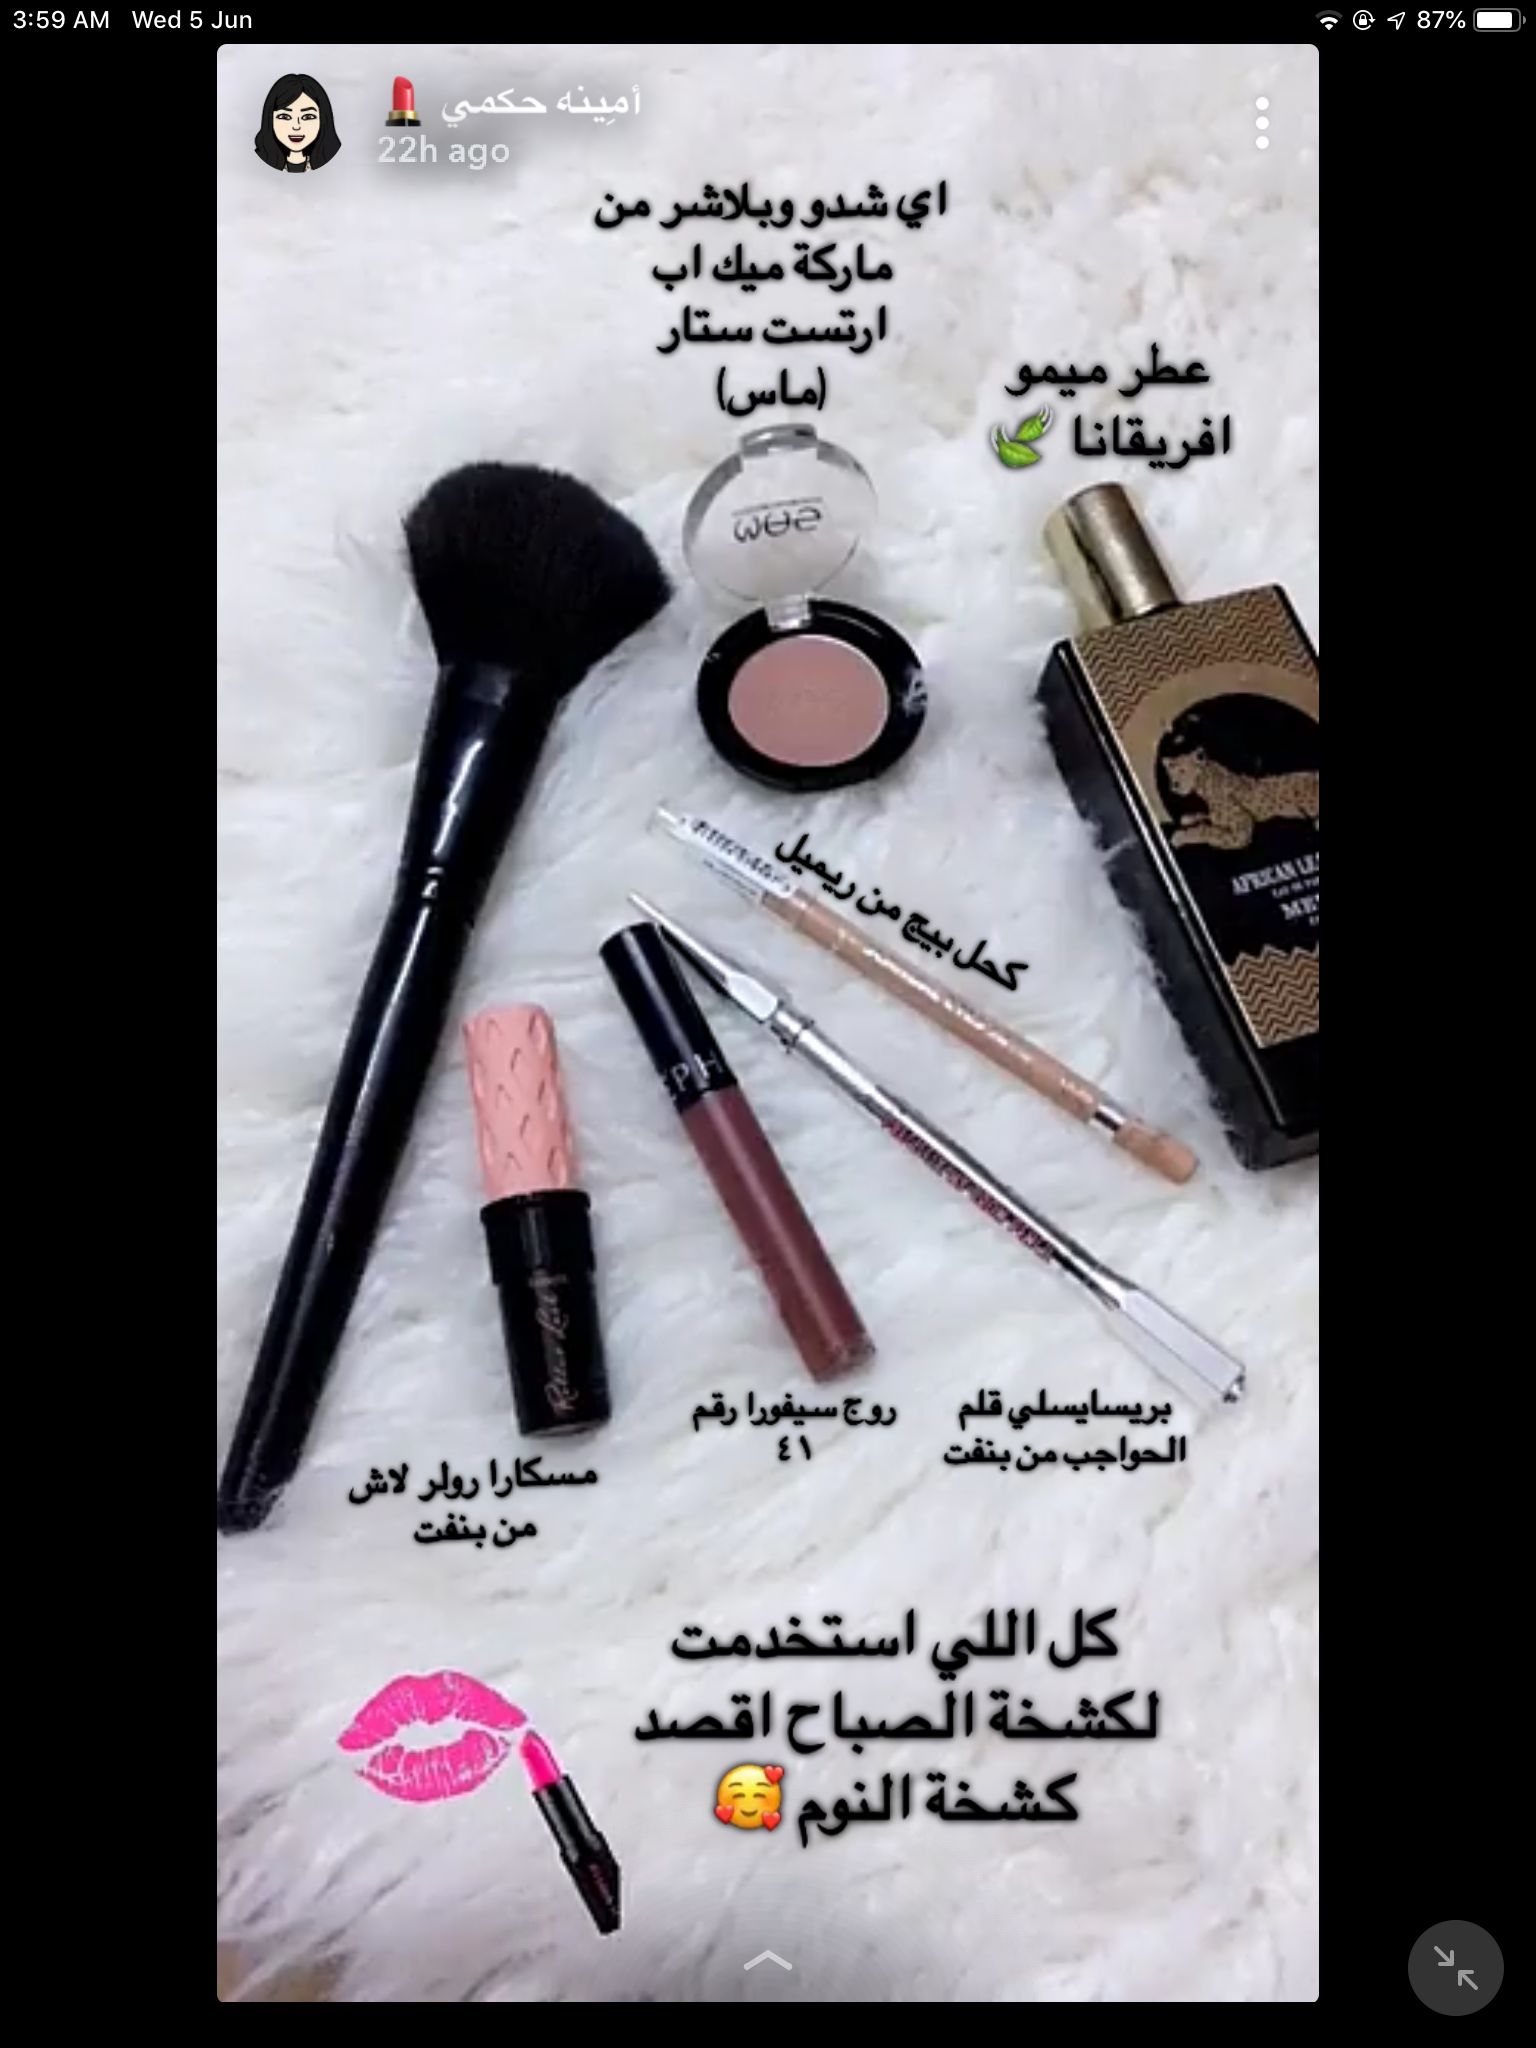 جمال عنايه مكياج بشرة جمالك سيدتي اساسيات المكياج نظافه الوجه ماركات مكياجاتي Eyebrow Makeup Tutorial Best Makeup Products Beauty